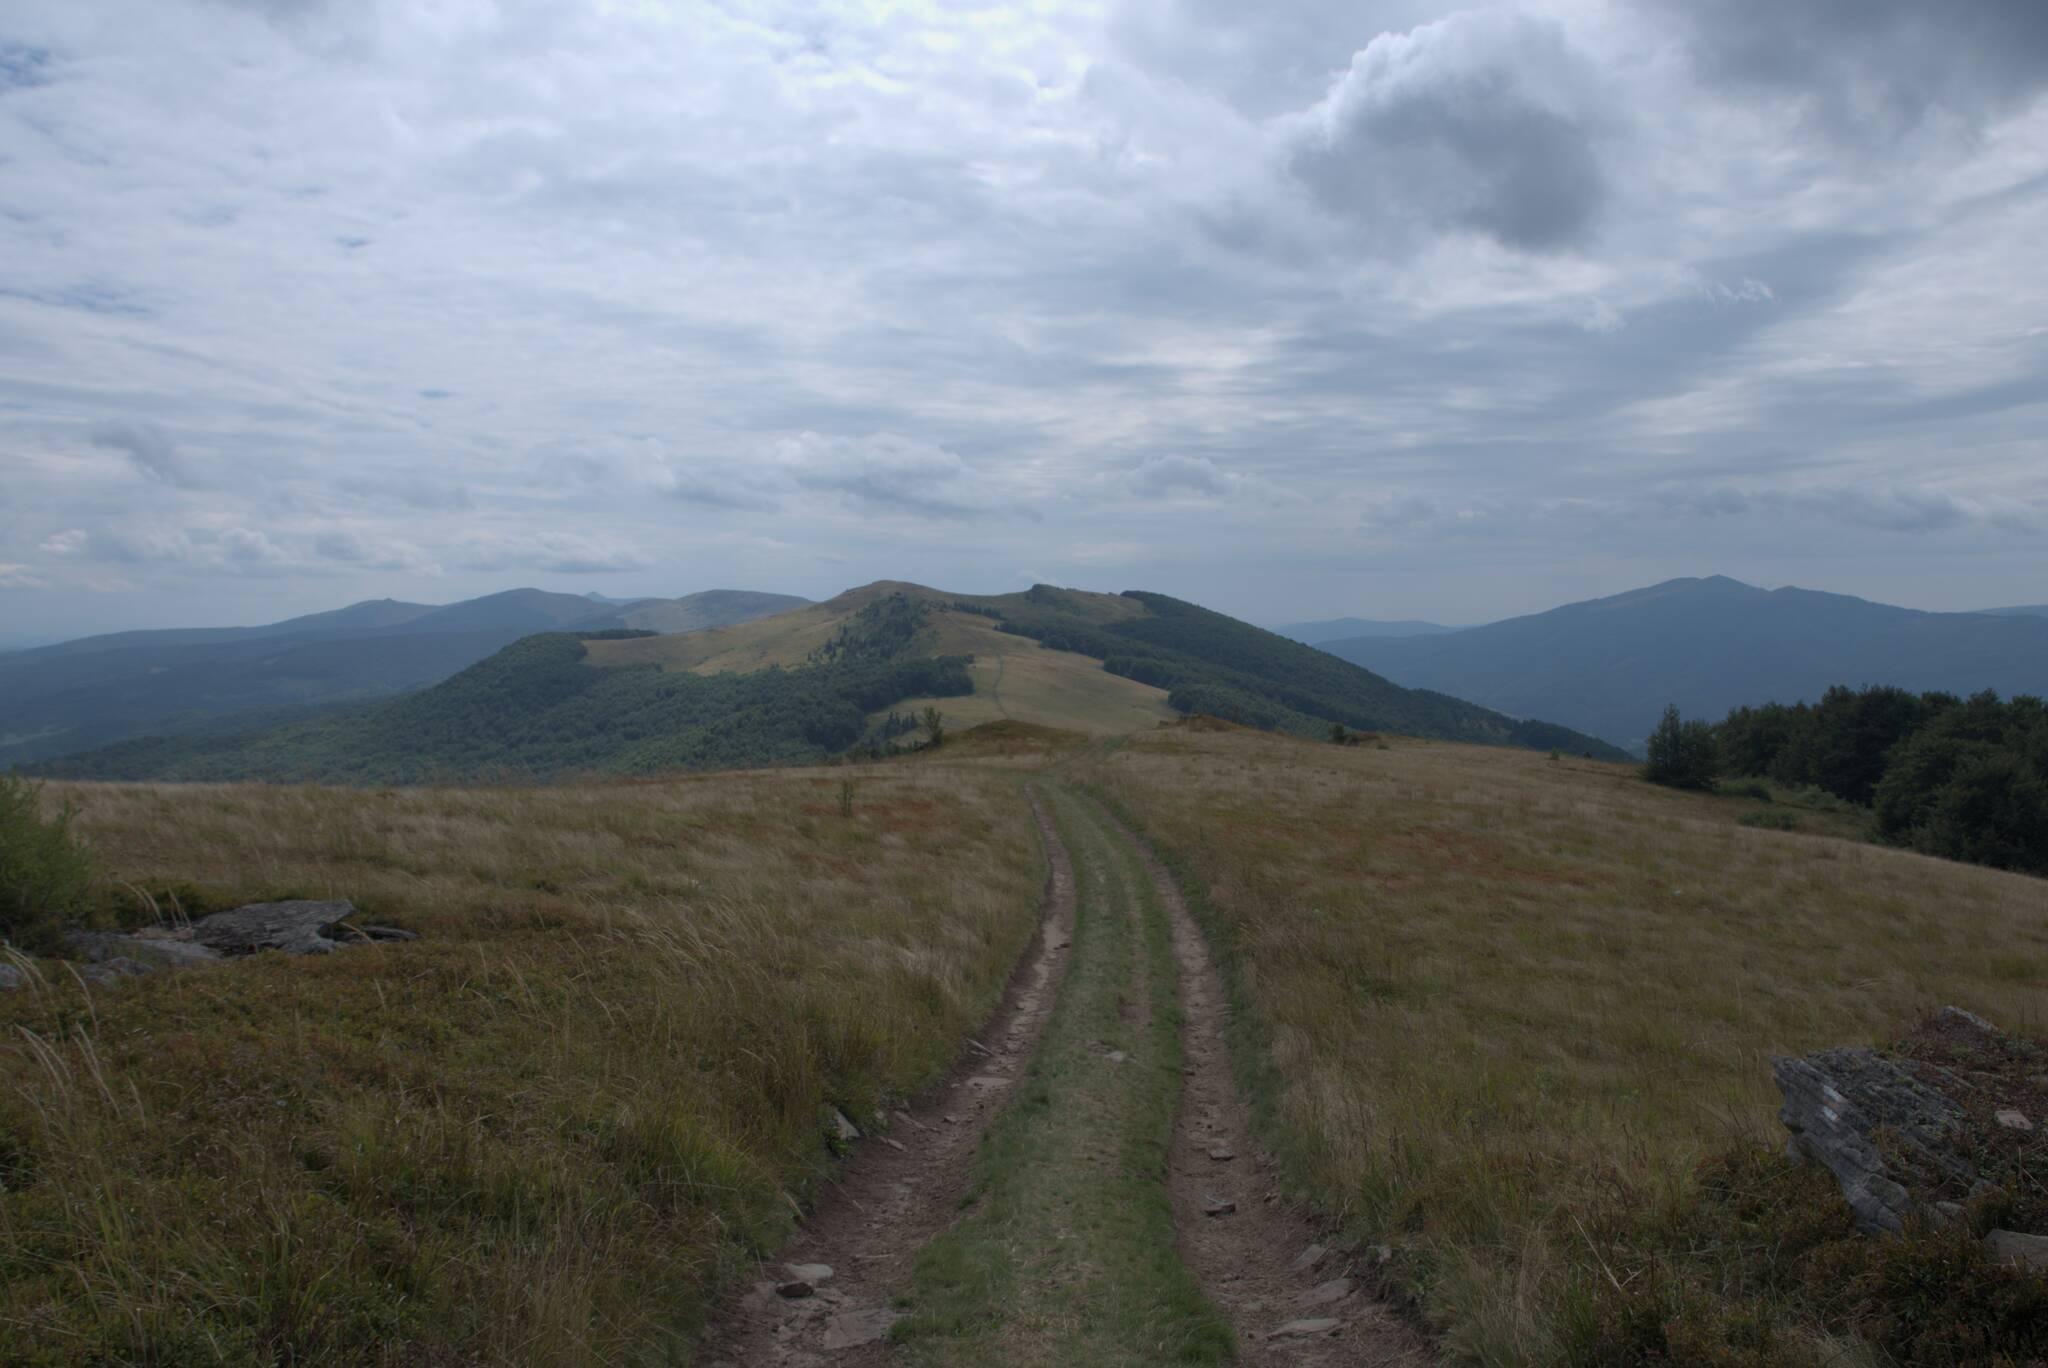 Dalej, wzdłuż wzgórz